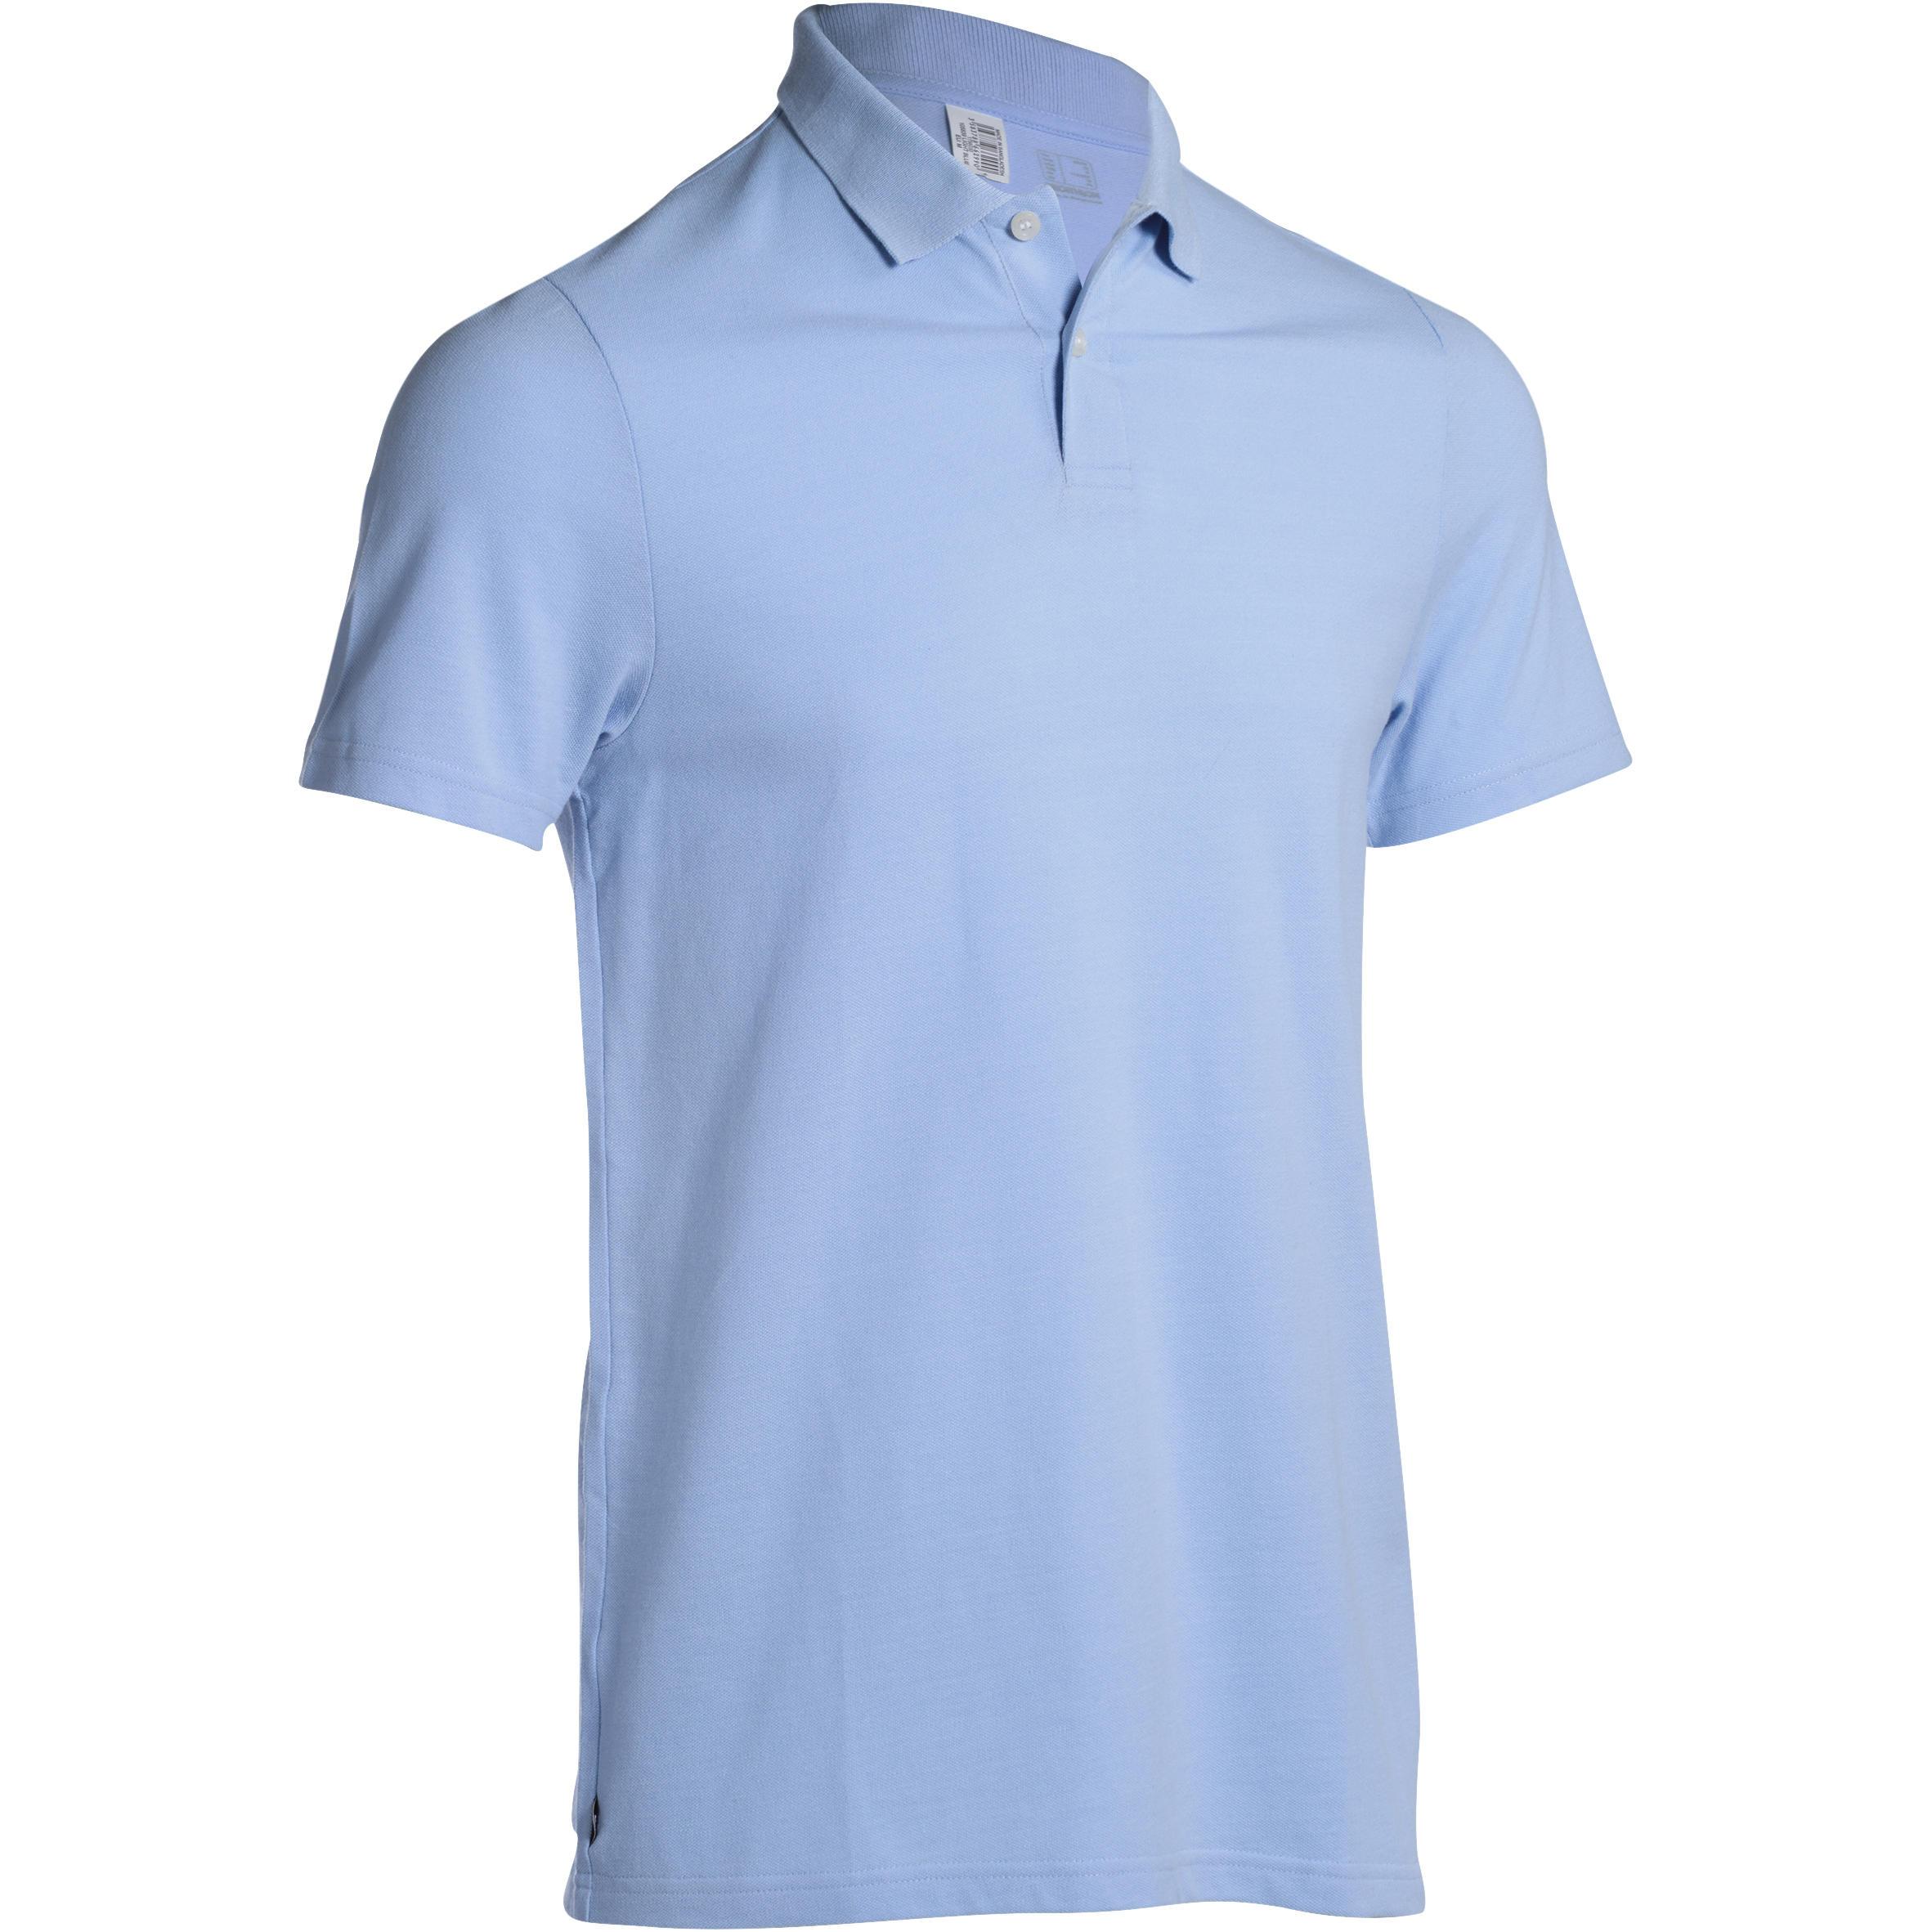 Polo de golf hombre manga corta 100 tiempo caluroso azul cielo